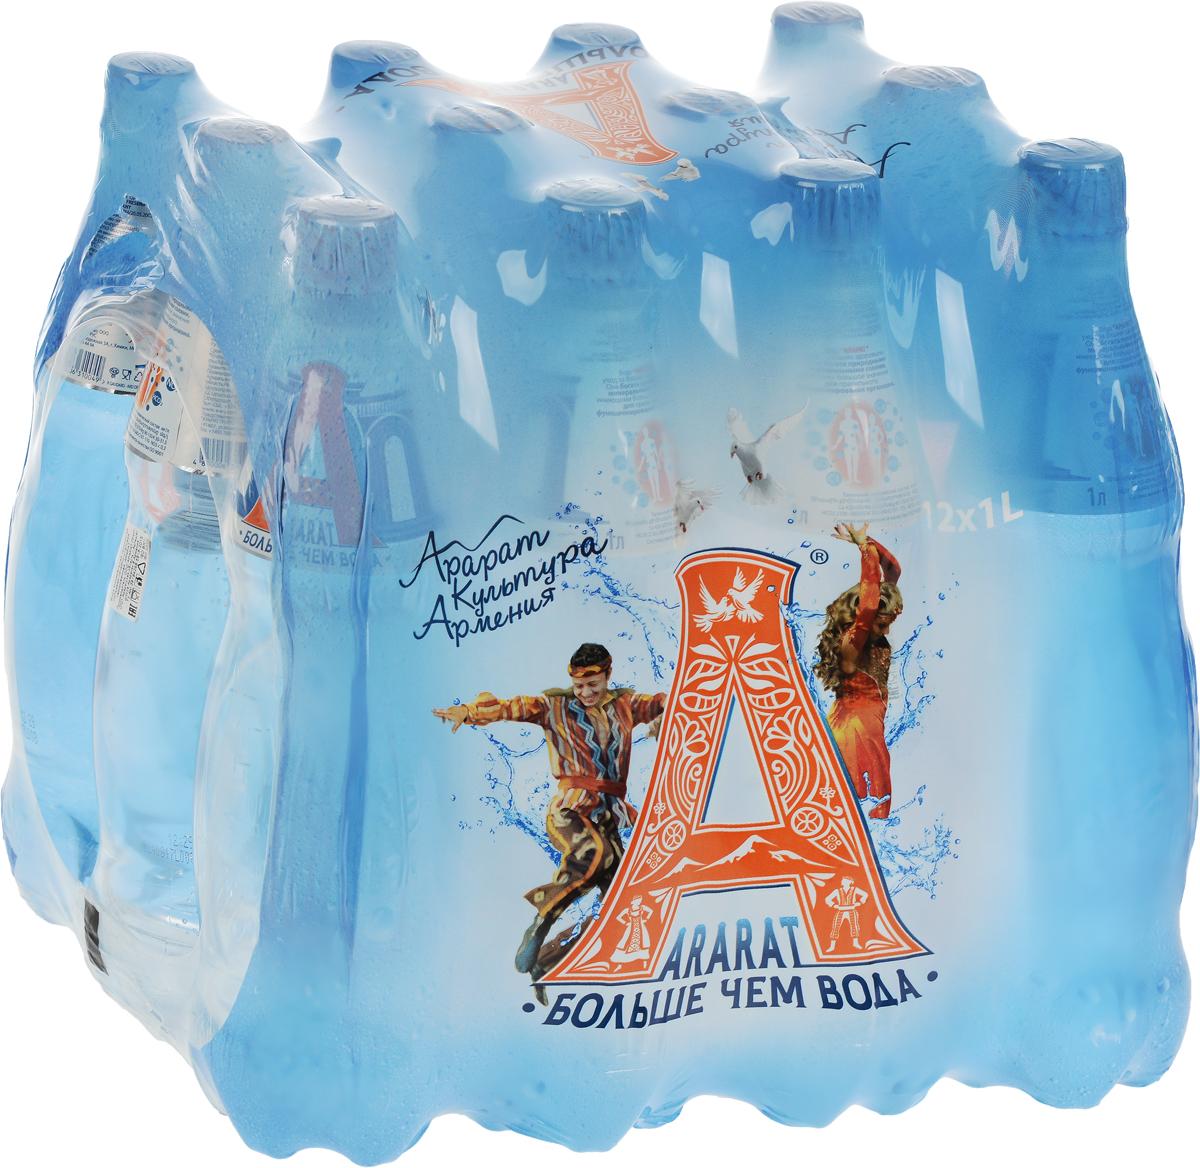 Ararat вода газированная минеральная лечебно-столовая, 12 штук по 1 л